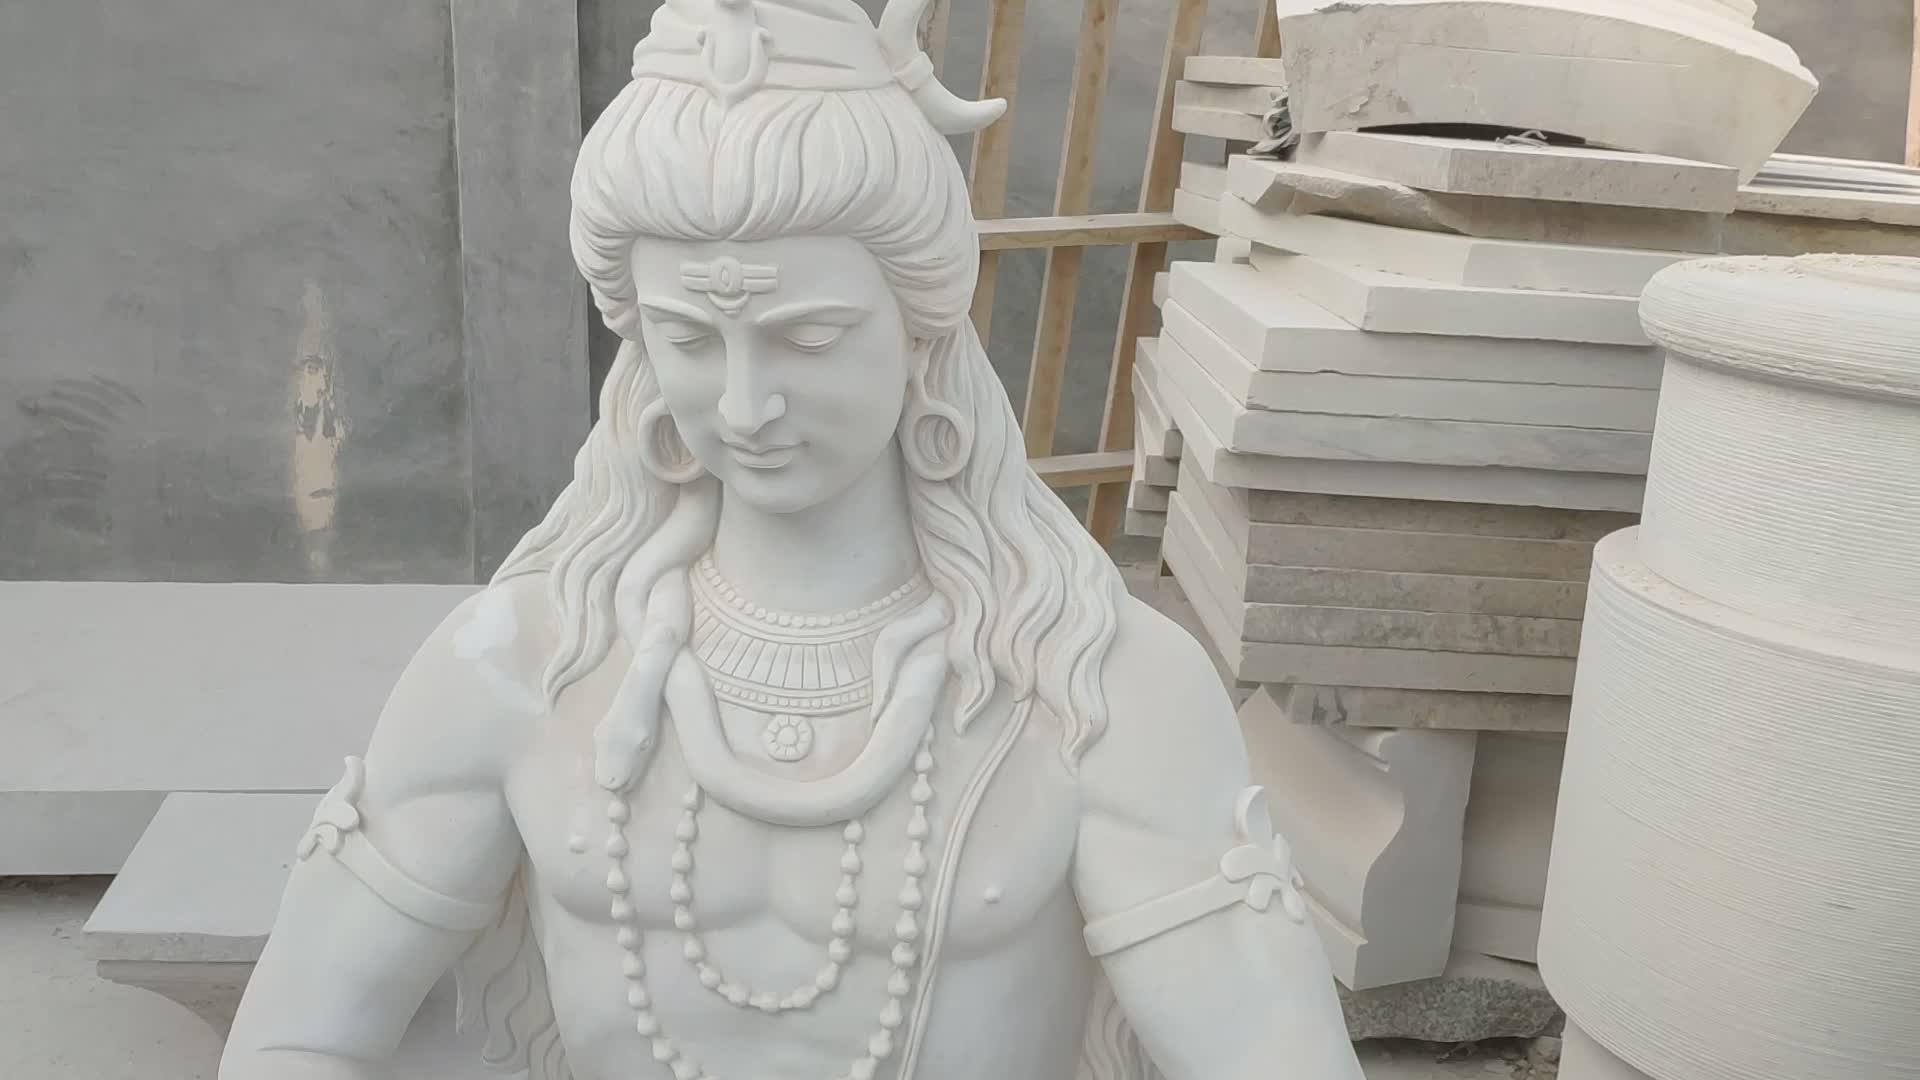 Esterno decorativo antiquariato Indiano marmo dio Indù scultura di grandi dimensioni signore Shiva statua di pietra per la vendita